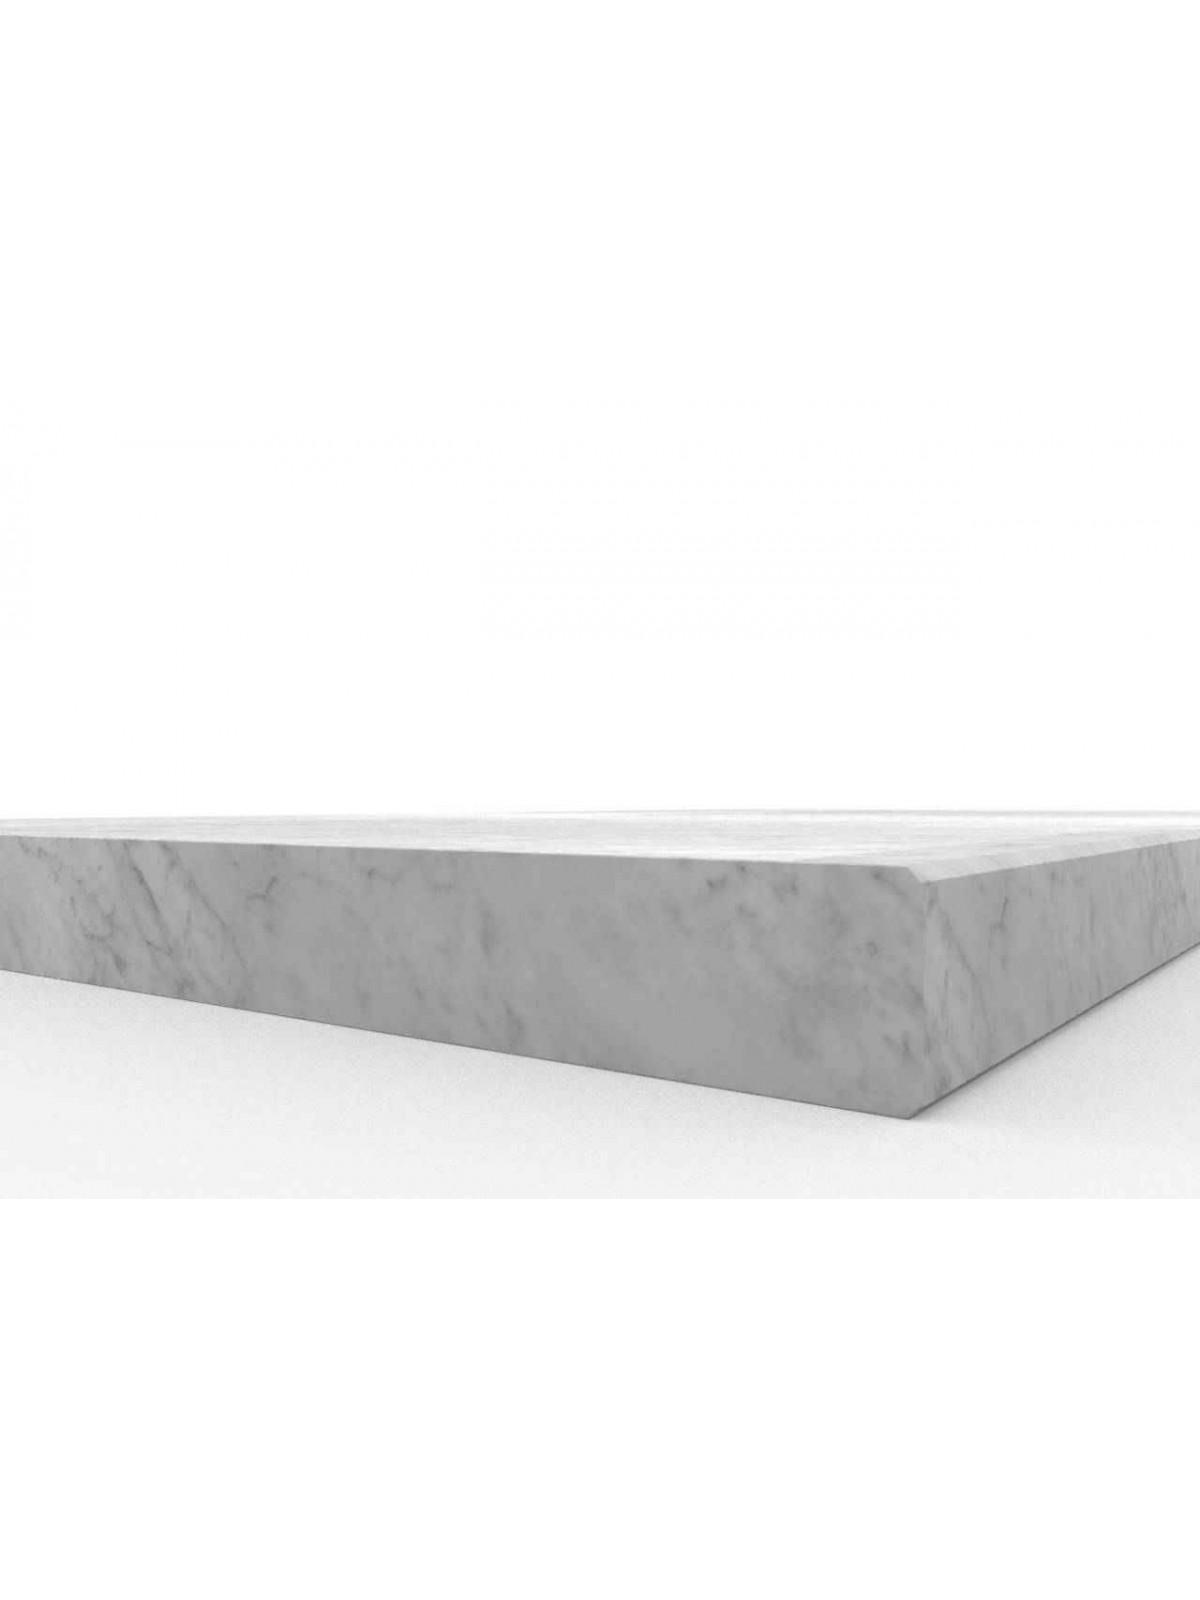 Pedata in Bianco di Carrara